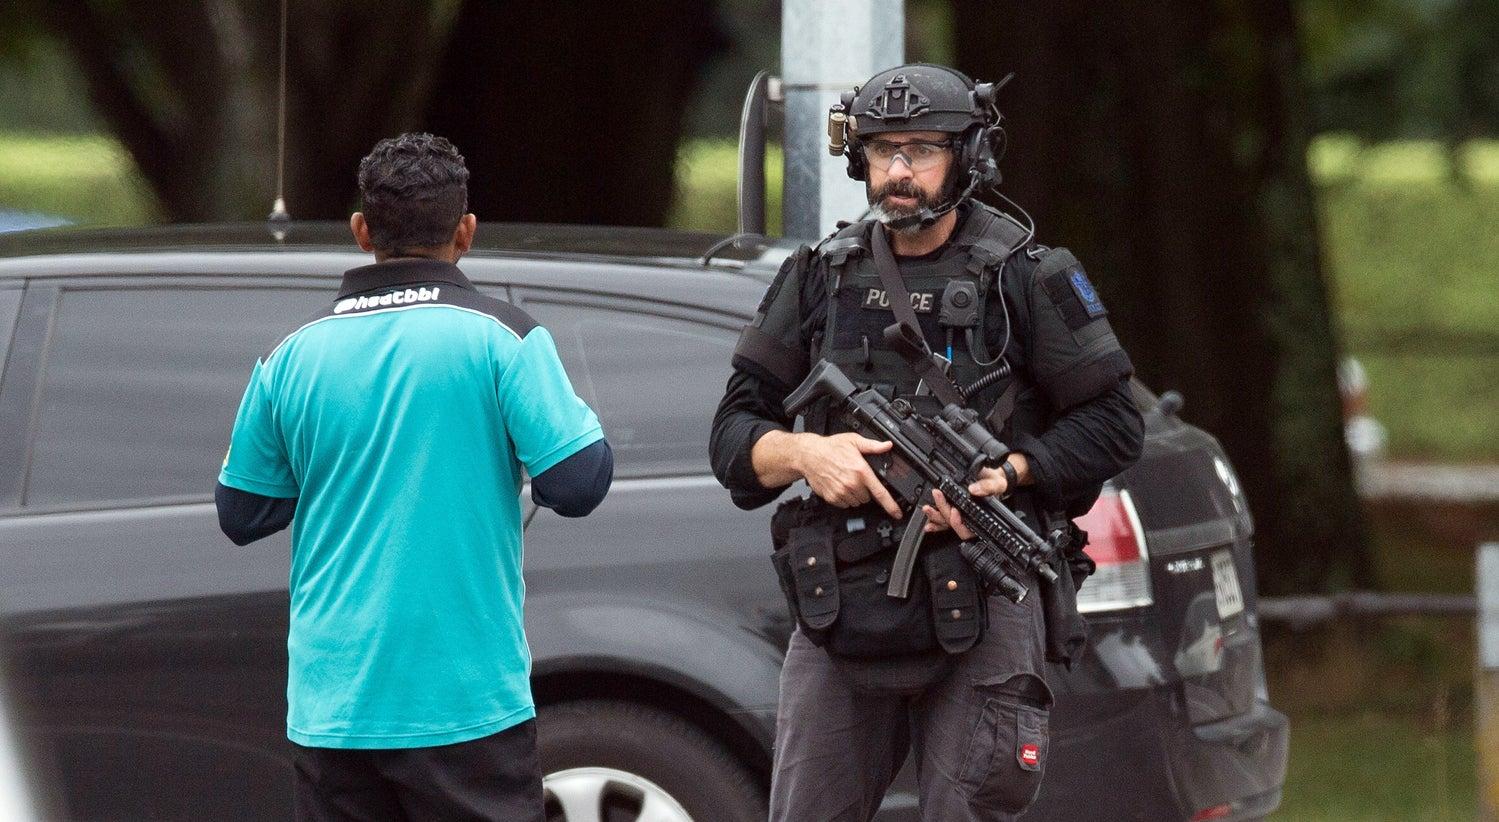 Nova Zelandia Ataque: Dezenas De Mortos Em Ataque A Mesquitas Na Nova Zelândia